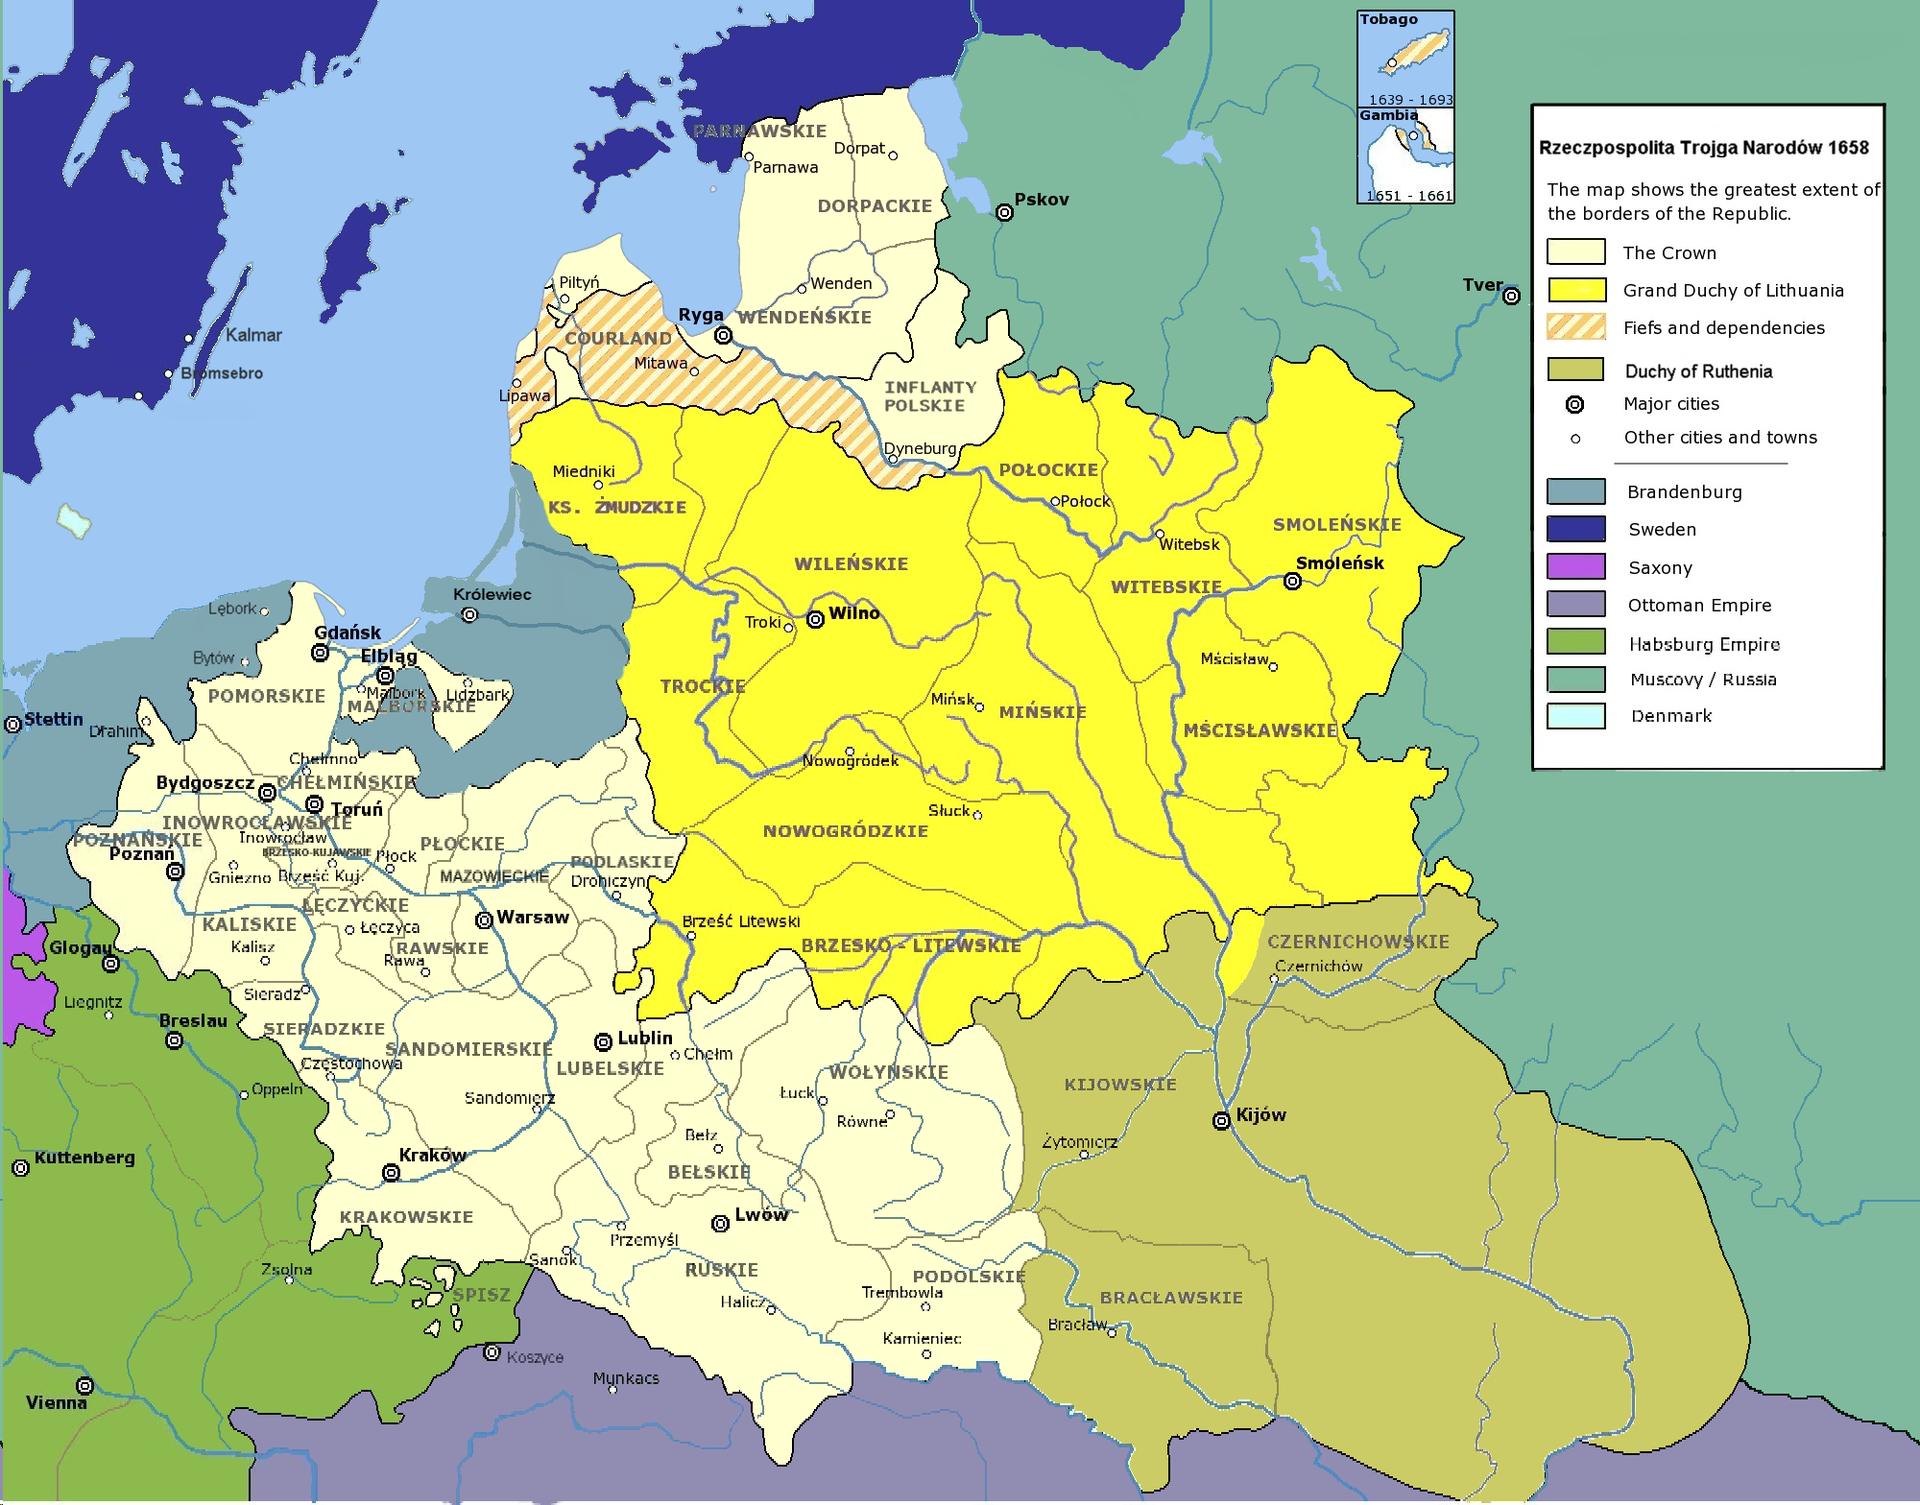 Rzeczpospolita Trojga Narodów według Unii Hadziackiej 1658